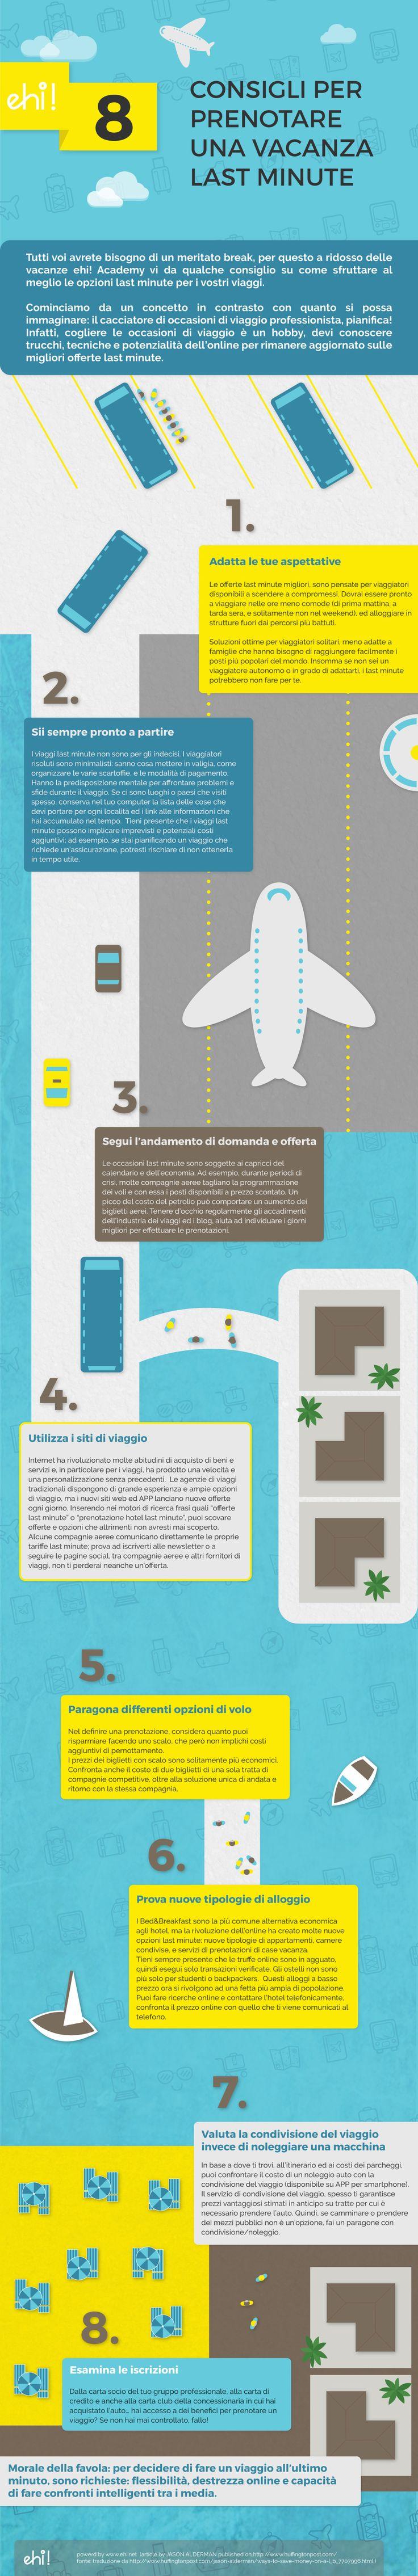 consigli per prenotare una vacanza last minute #lastminute #holyday #vacation #flight #icondesign #infografica #infographic